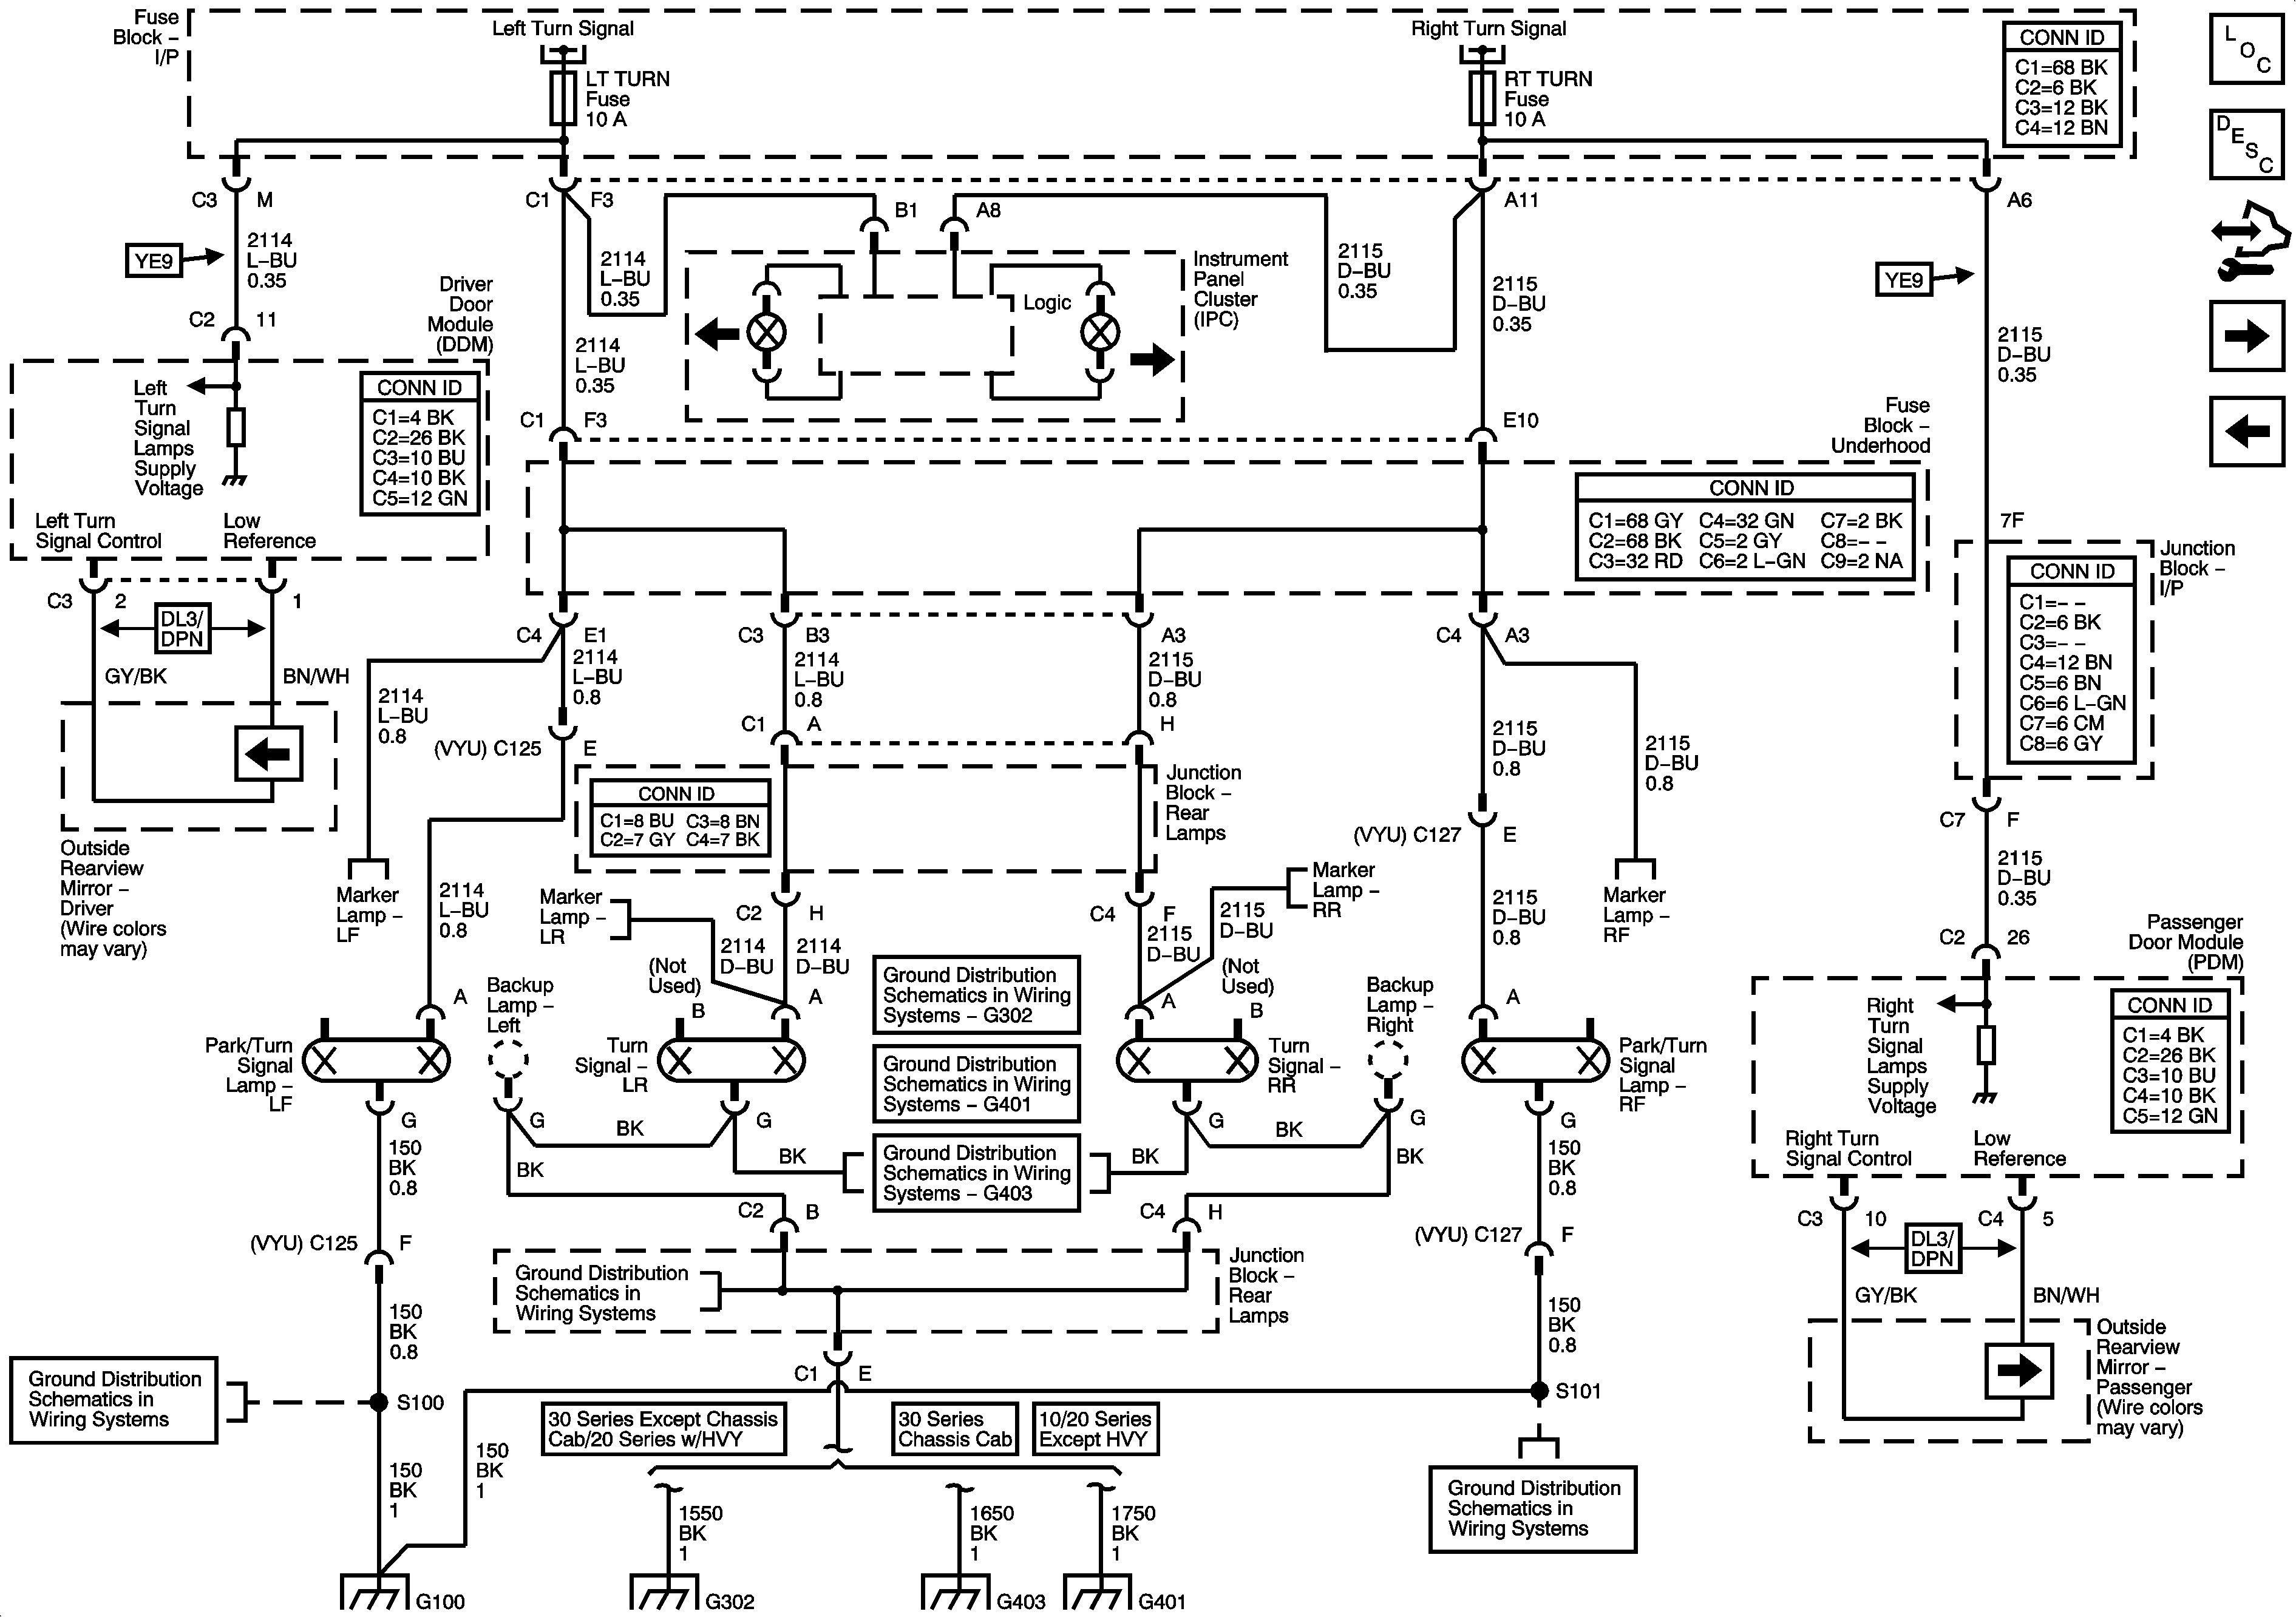 06 Chevy Tahoe Break Light Board Wiring Diagram